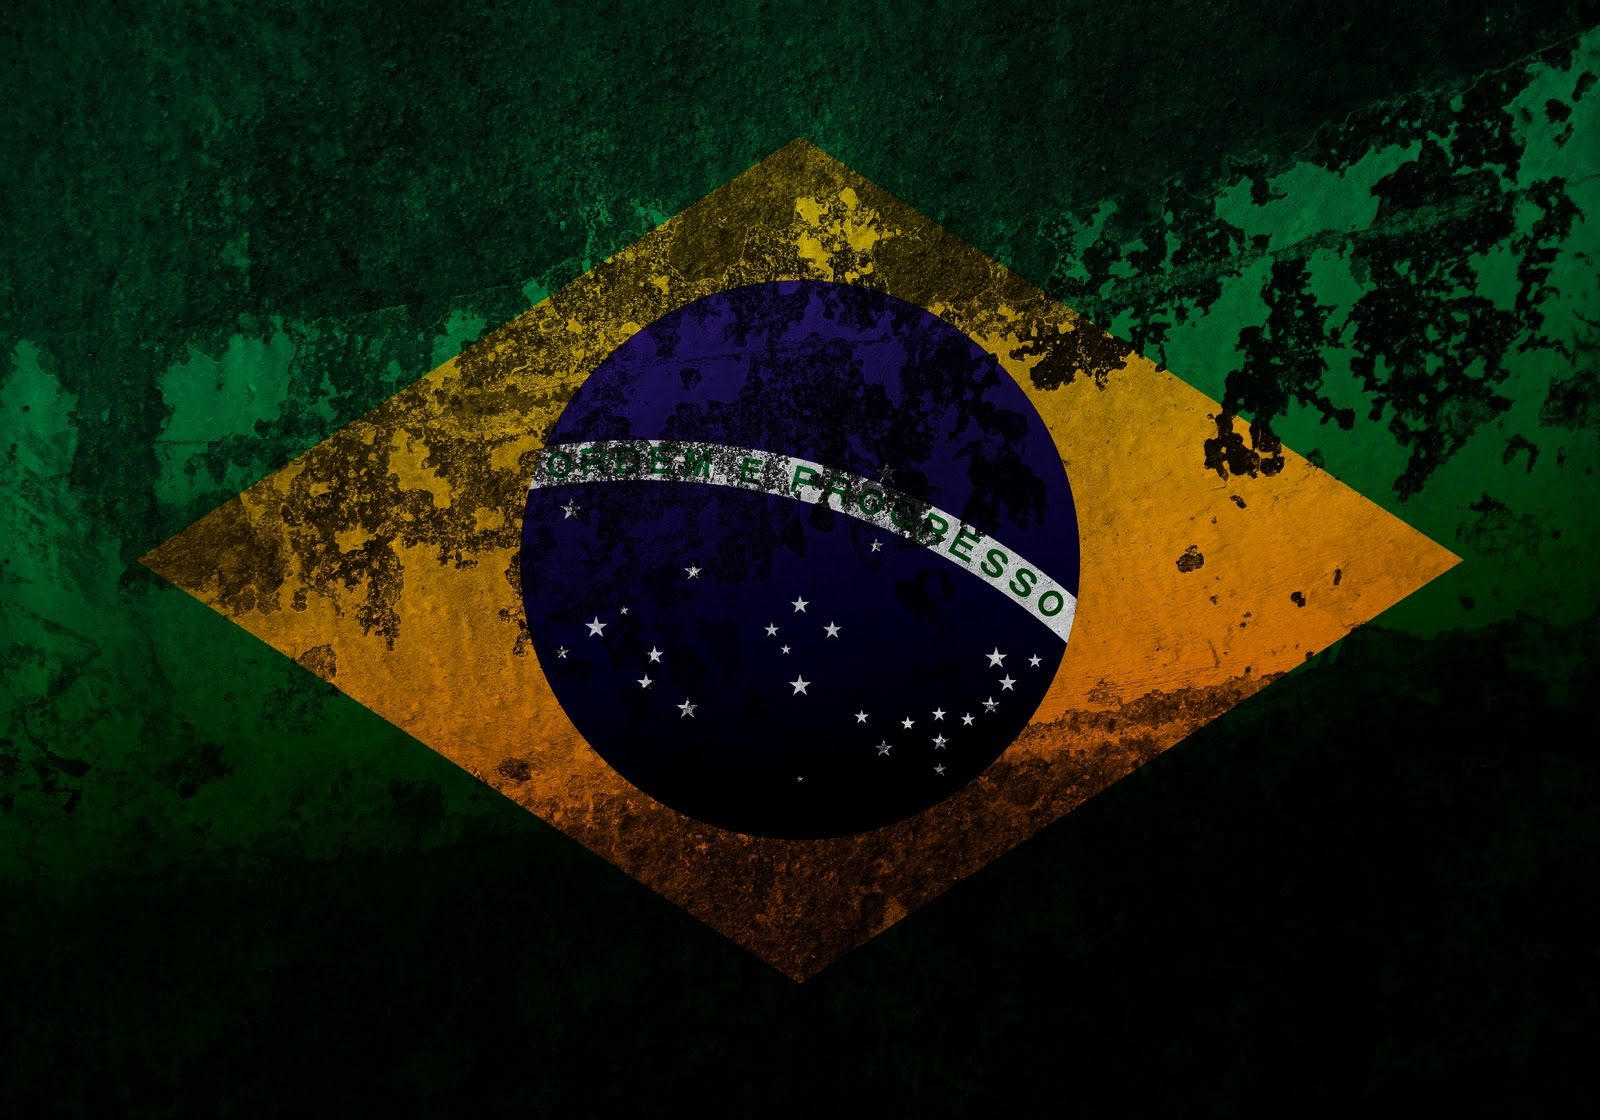 http://4.bp.blogspot.com/-PRZ4b_5r80w/TsGc-PKwGMI/AAAAAAAAwRg/pQ-bV8XSo3Q/s1600/Brazil_Flag9.jpg